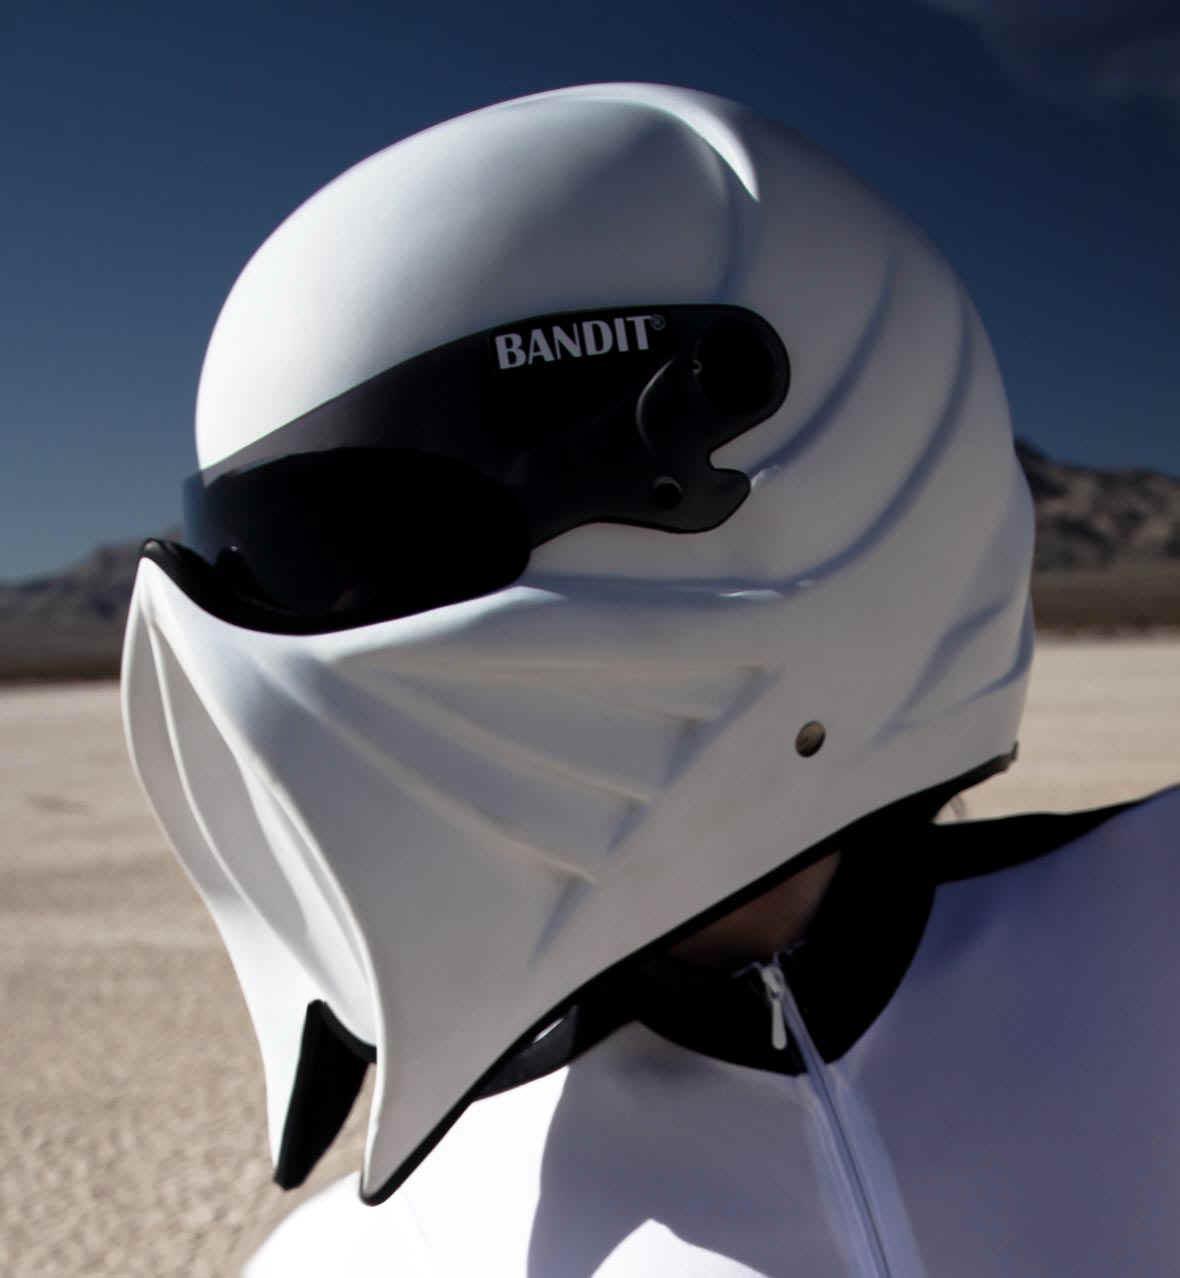 Ghost-2-motorcycle-helmet-design